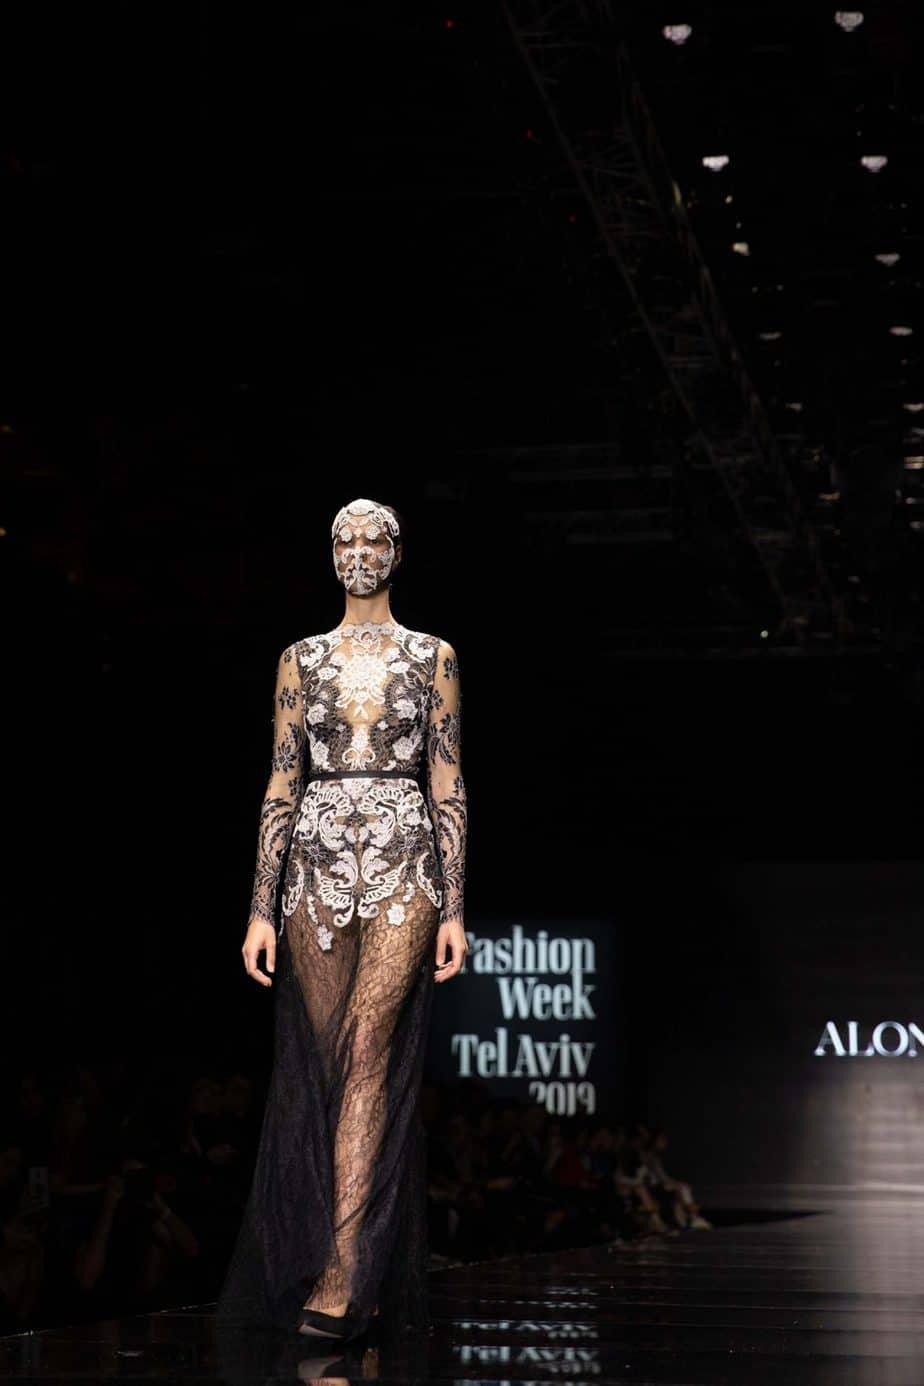 אלון ליבנה. שבוע האופנה תל אביב 2019. צילום עומר קפלן - 2